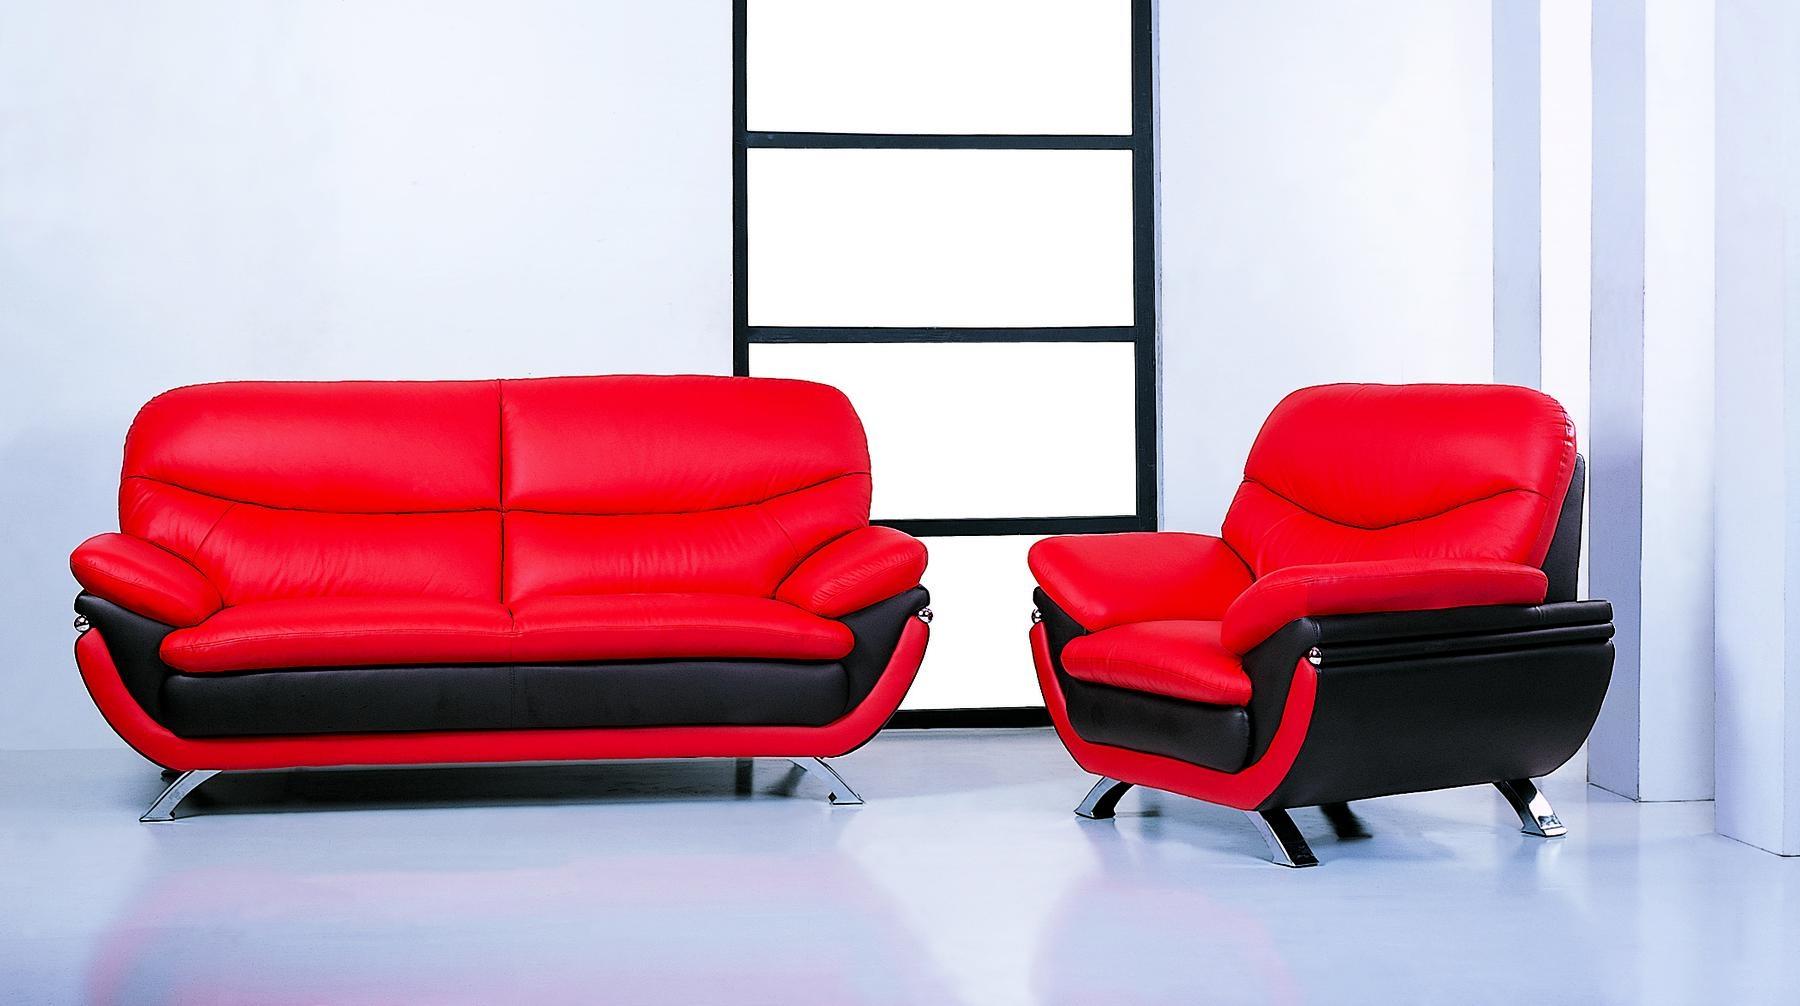 Jonus Red/black Sofa Jonus Beverly Hills Furniture Leather Sofas intended for Black And Red Sofas